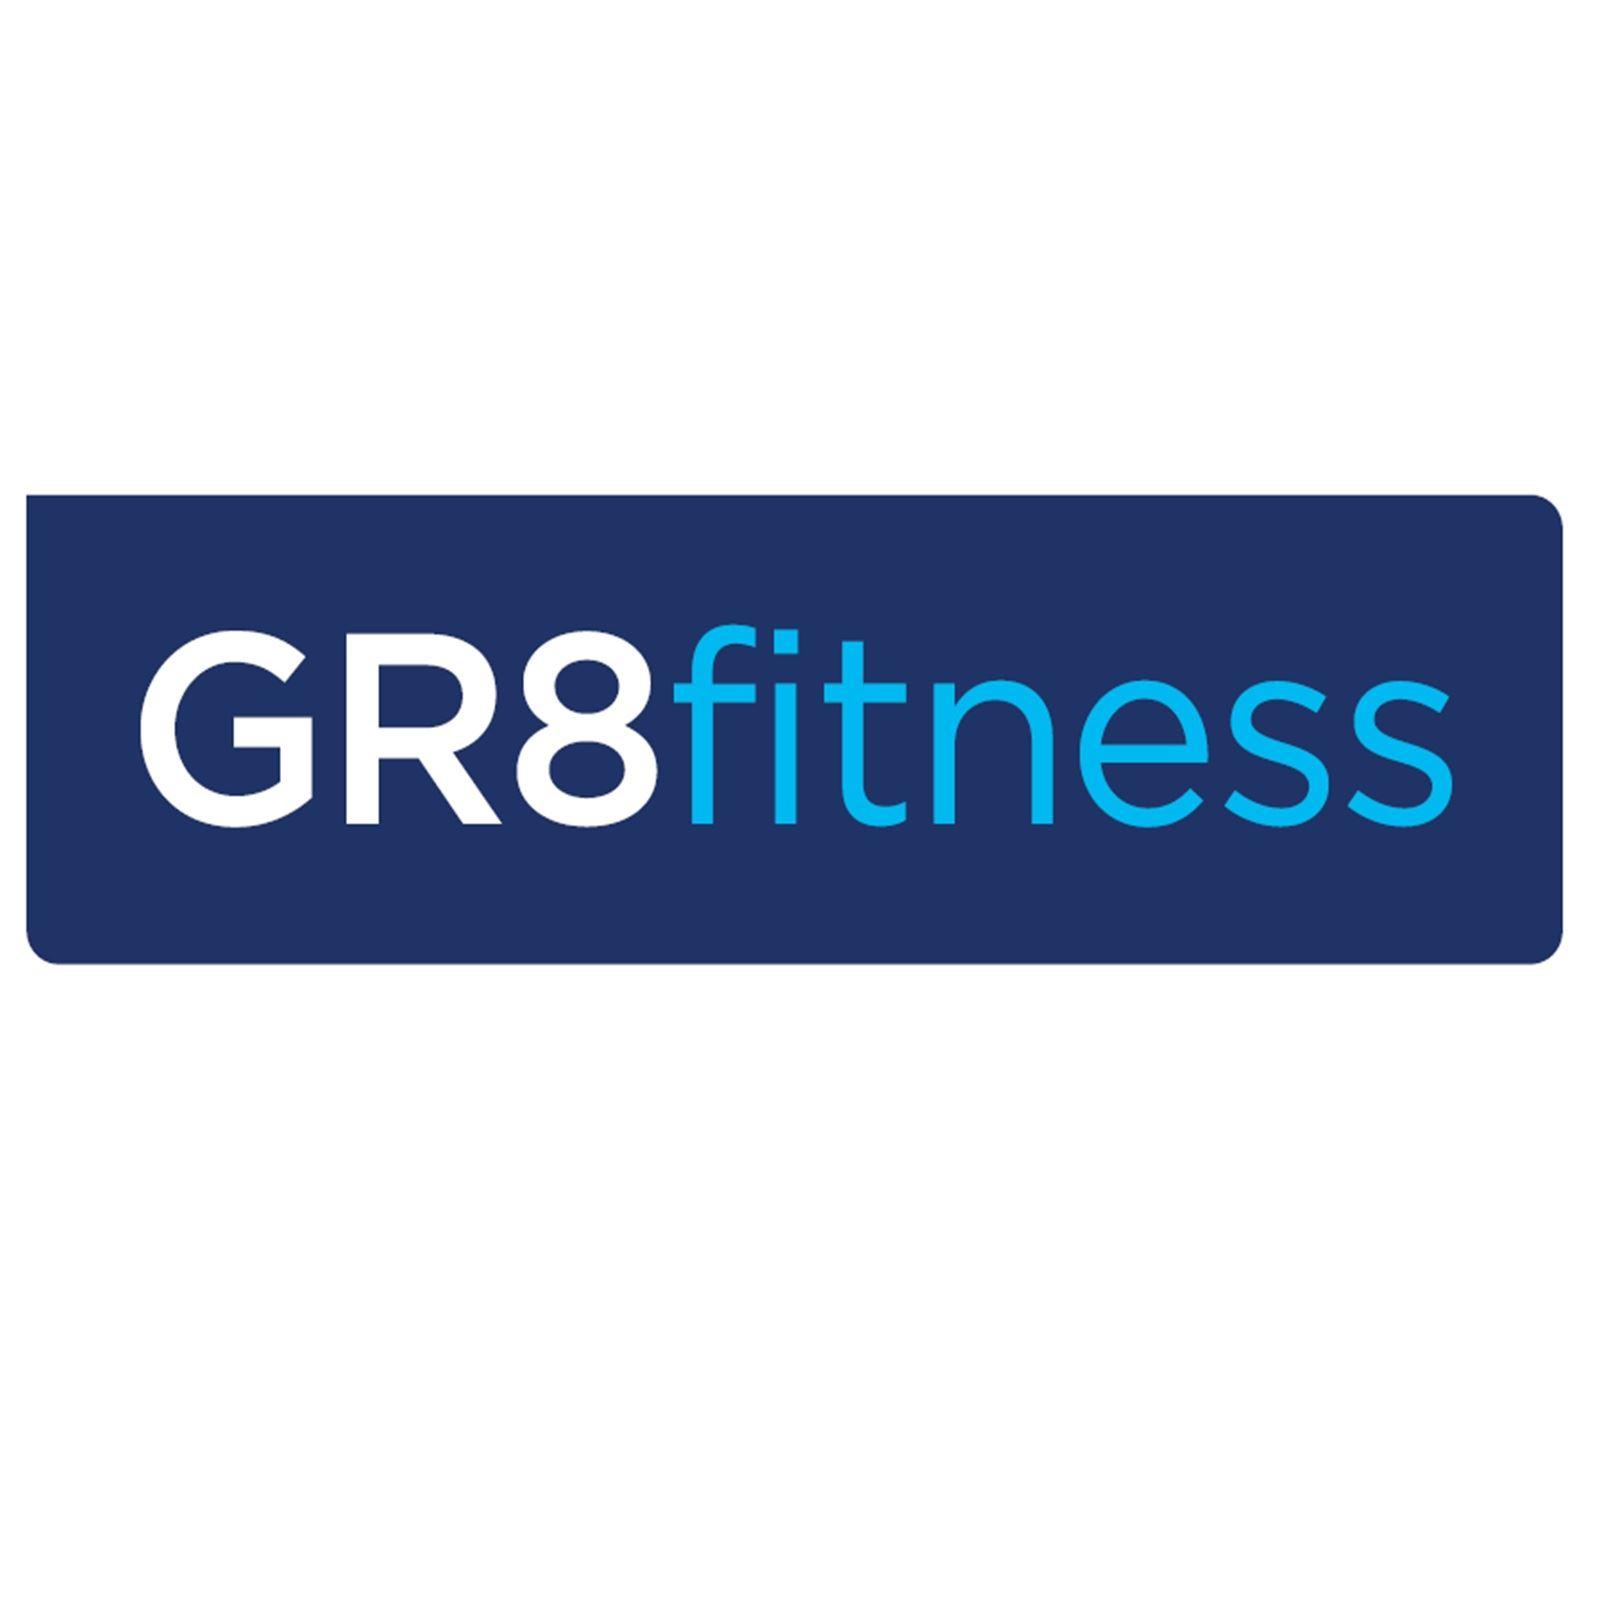 Gr8 Fitness Confezione da 10 Plastica Giallo Allenamento Marcatore Coni Calcio Rugby Traffico Marcatura Jogging Agilit/à Eserzio Palestra da Calcio Set